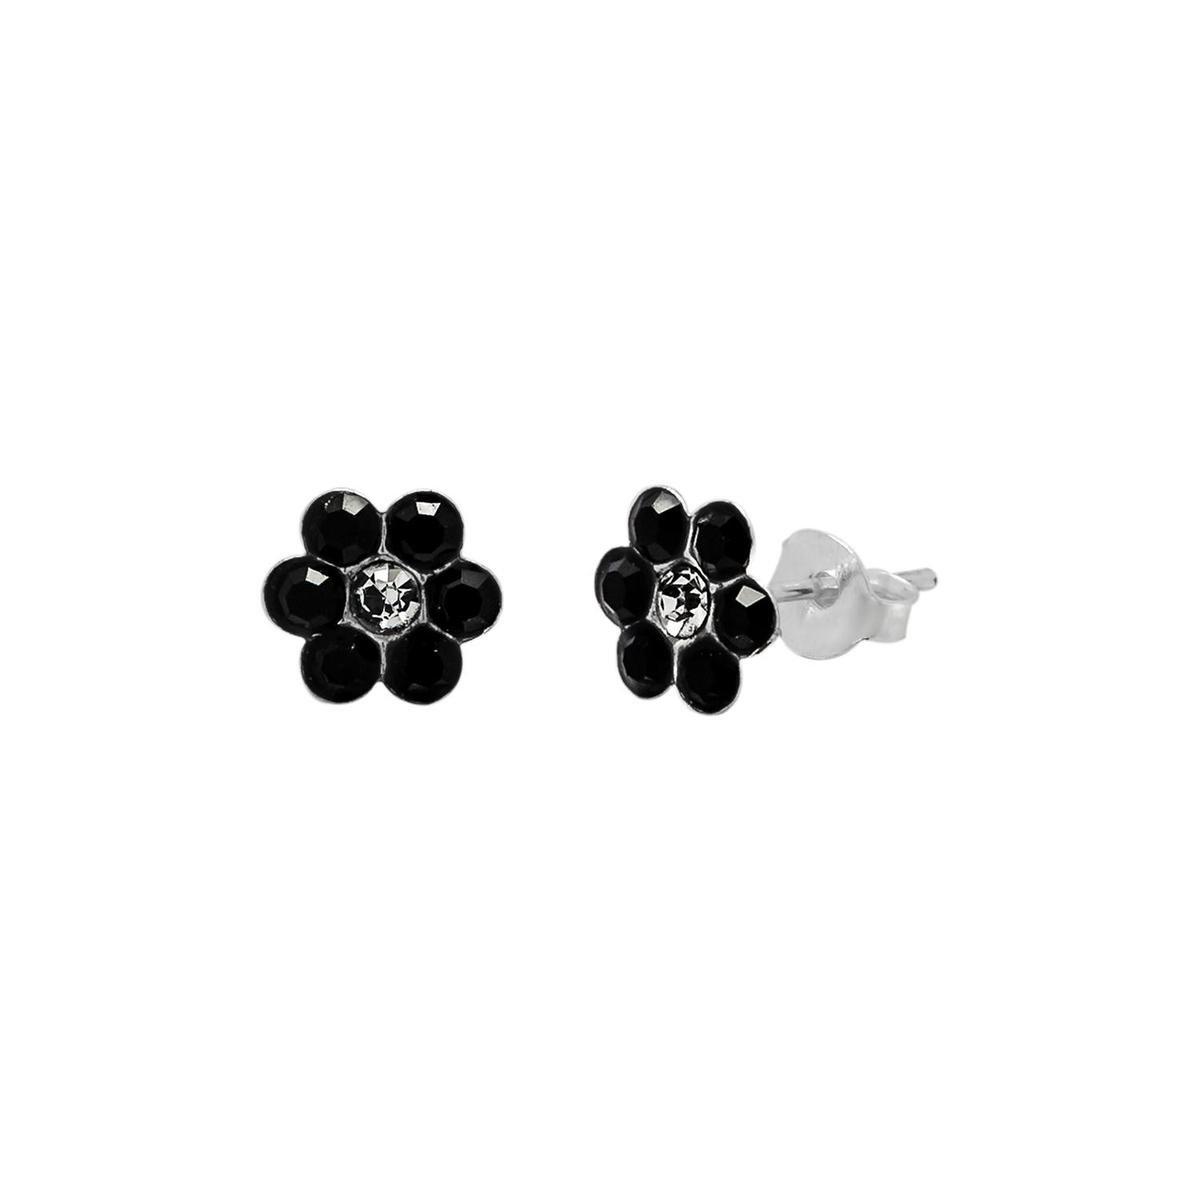 Oorbellen meisje | Zilveren oorstekers, bloem met 7 kristallen, diverse kleuren